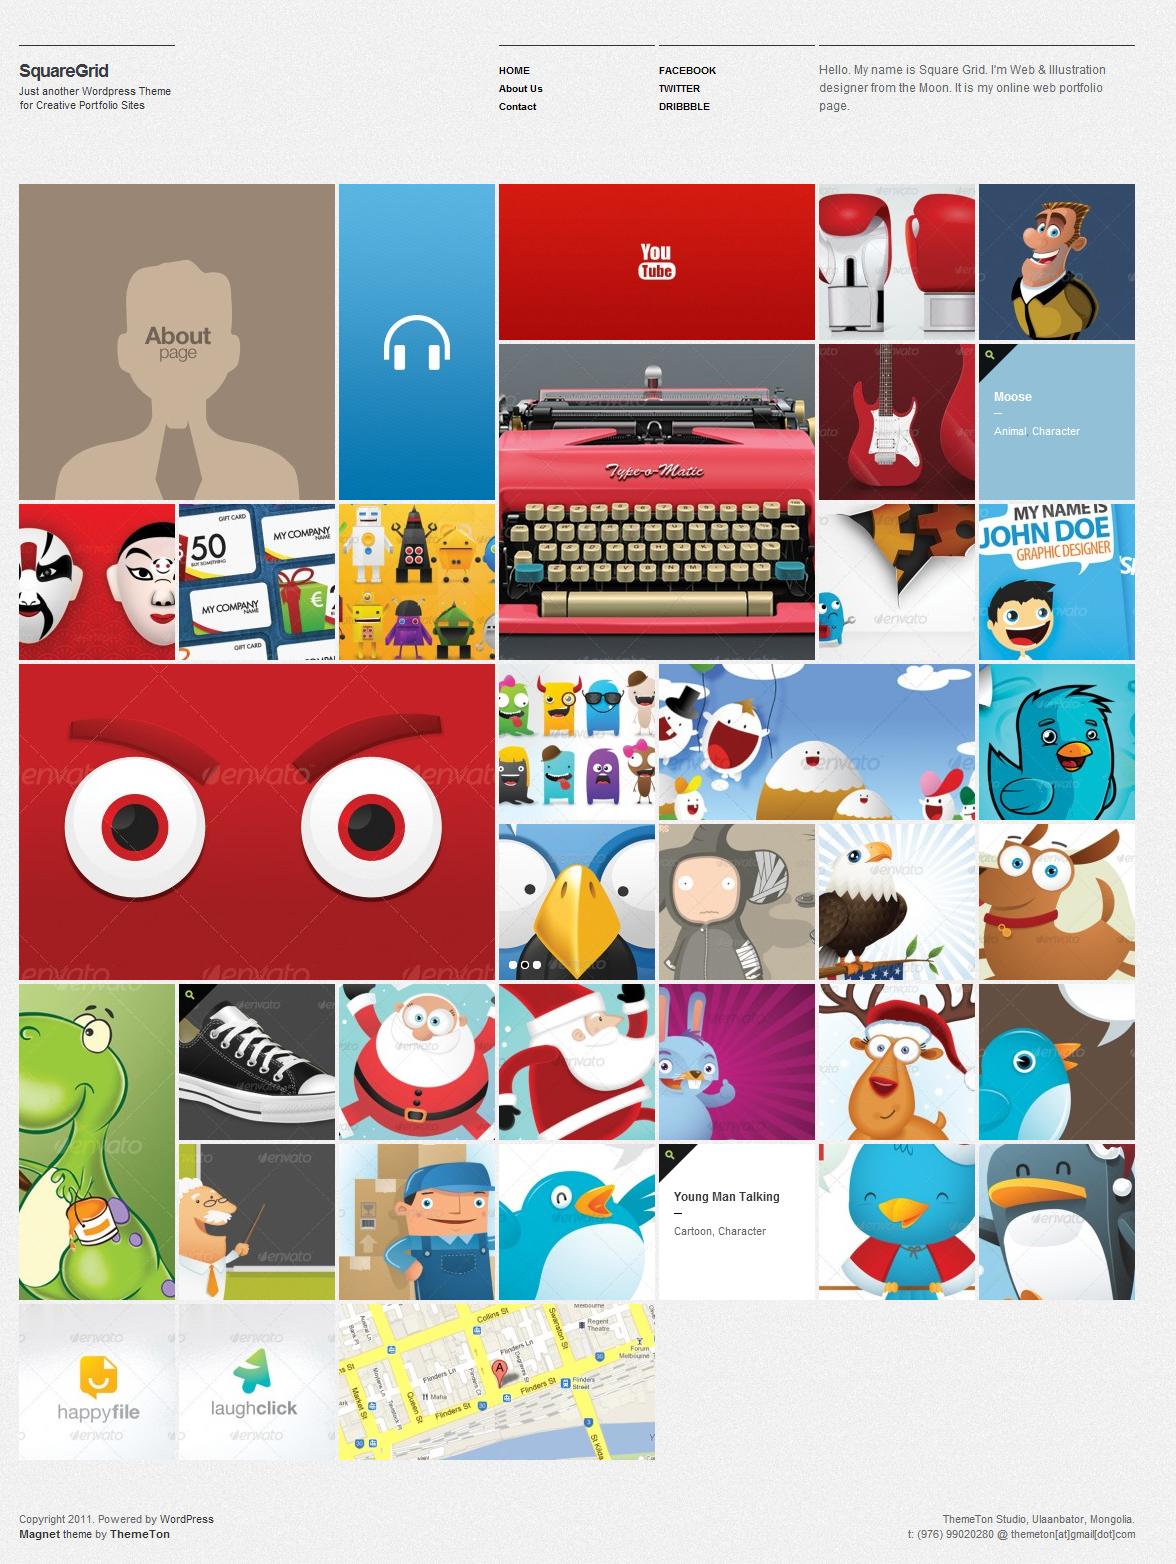 SquareGrid - Fully Responsive Theme For Portfolio - Gallery|Metro-style|Portfolio